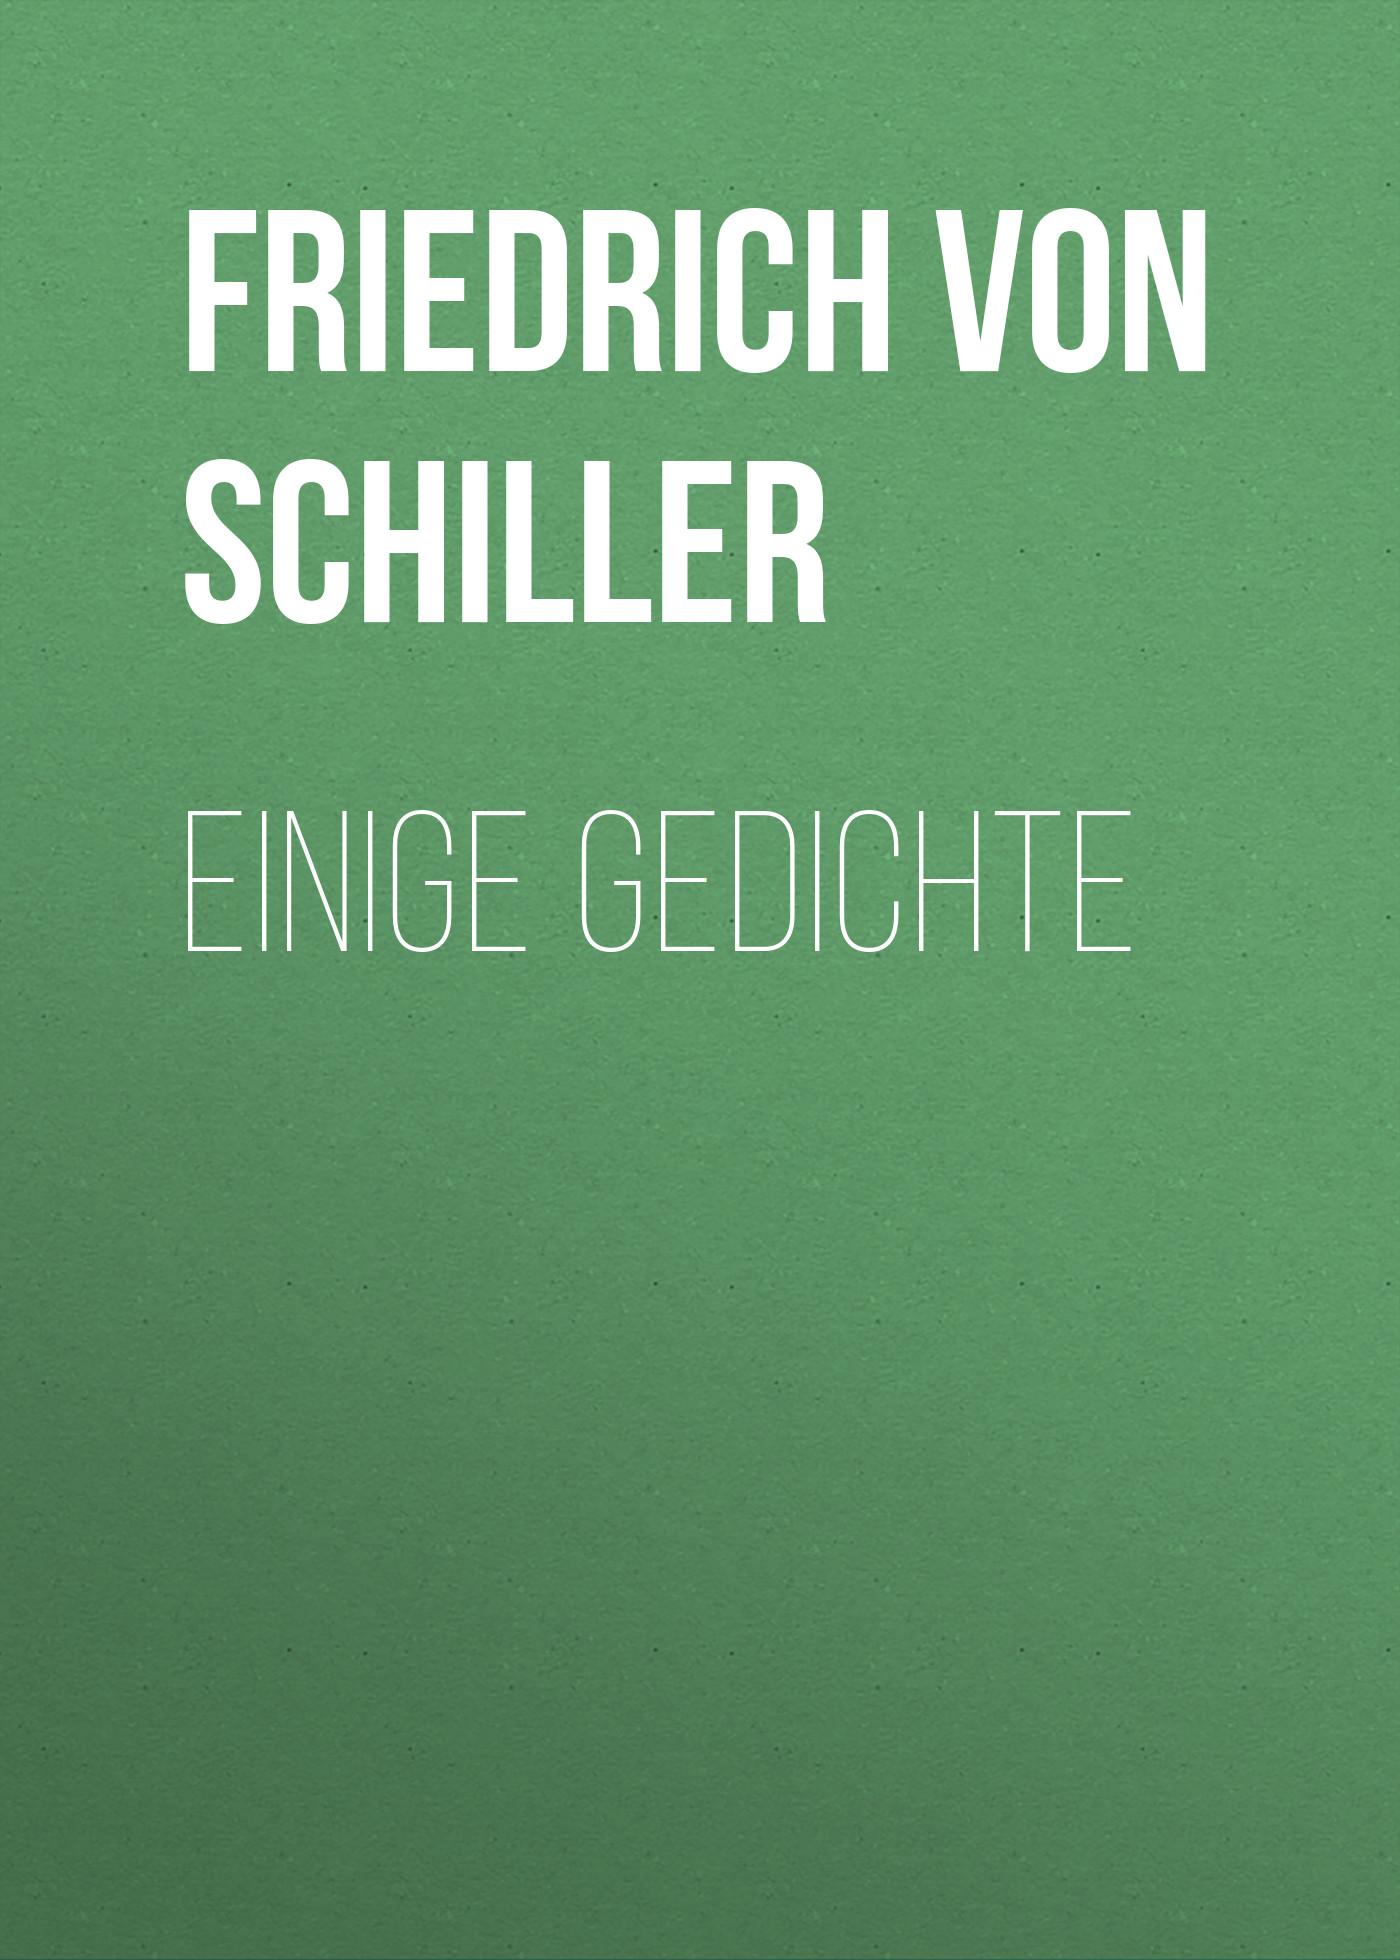 Friedrich von Schiller Einige Gedichte friedrich von schiller gedichte